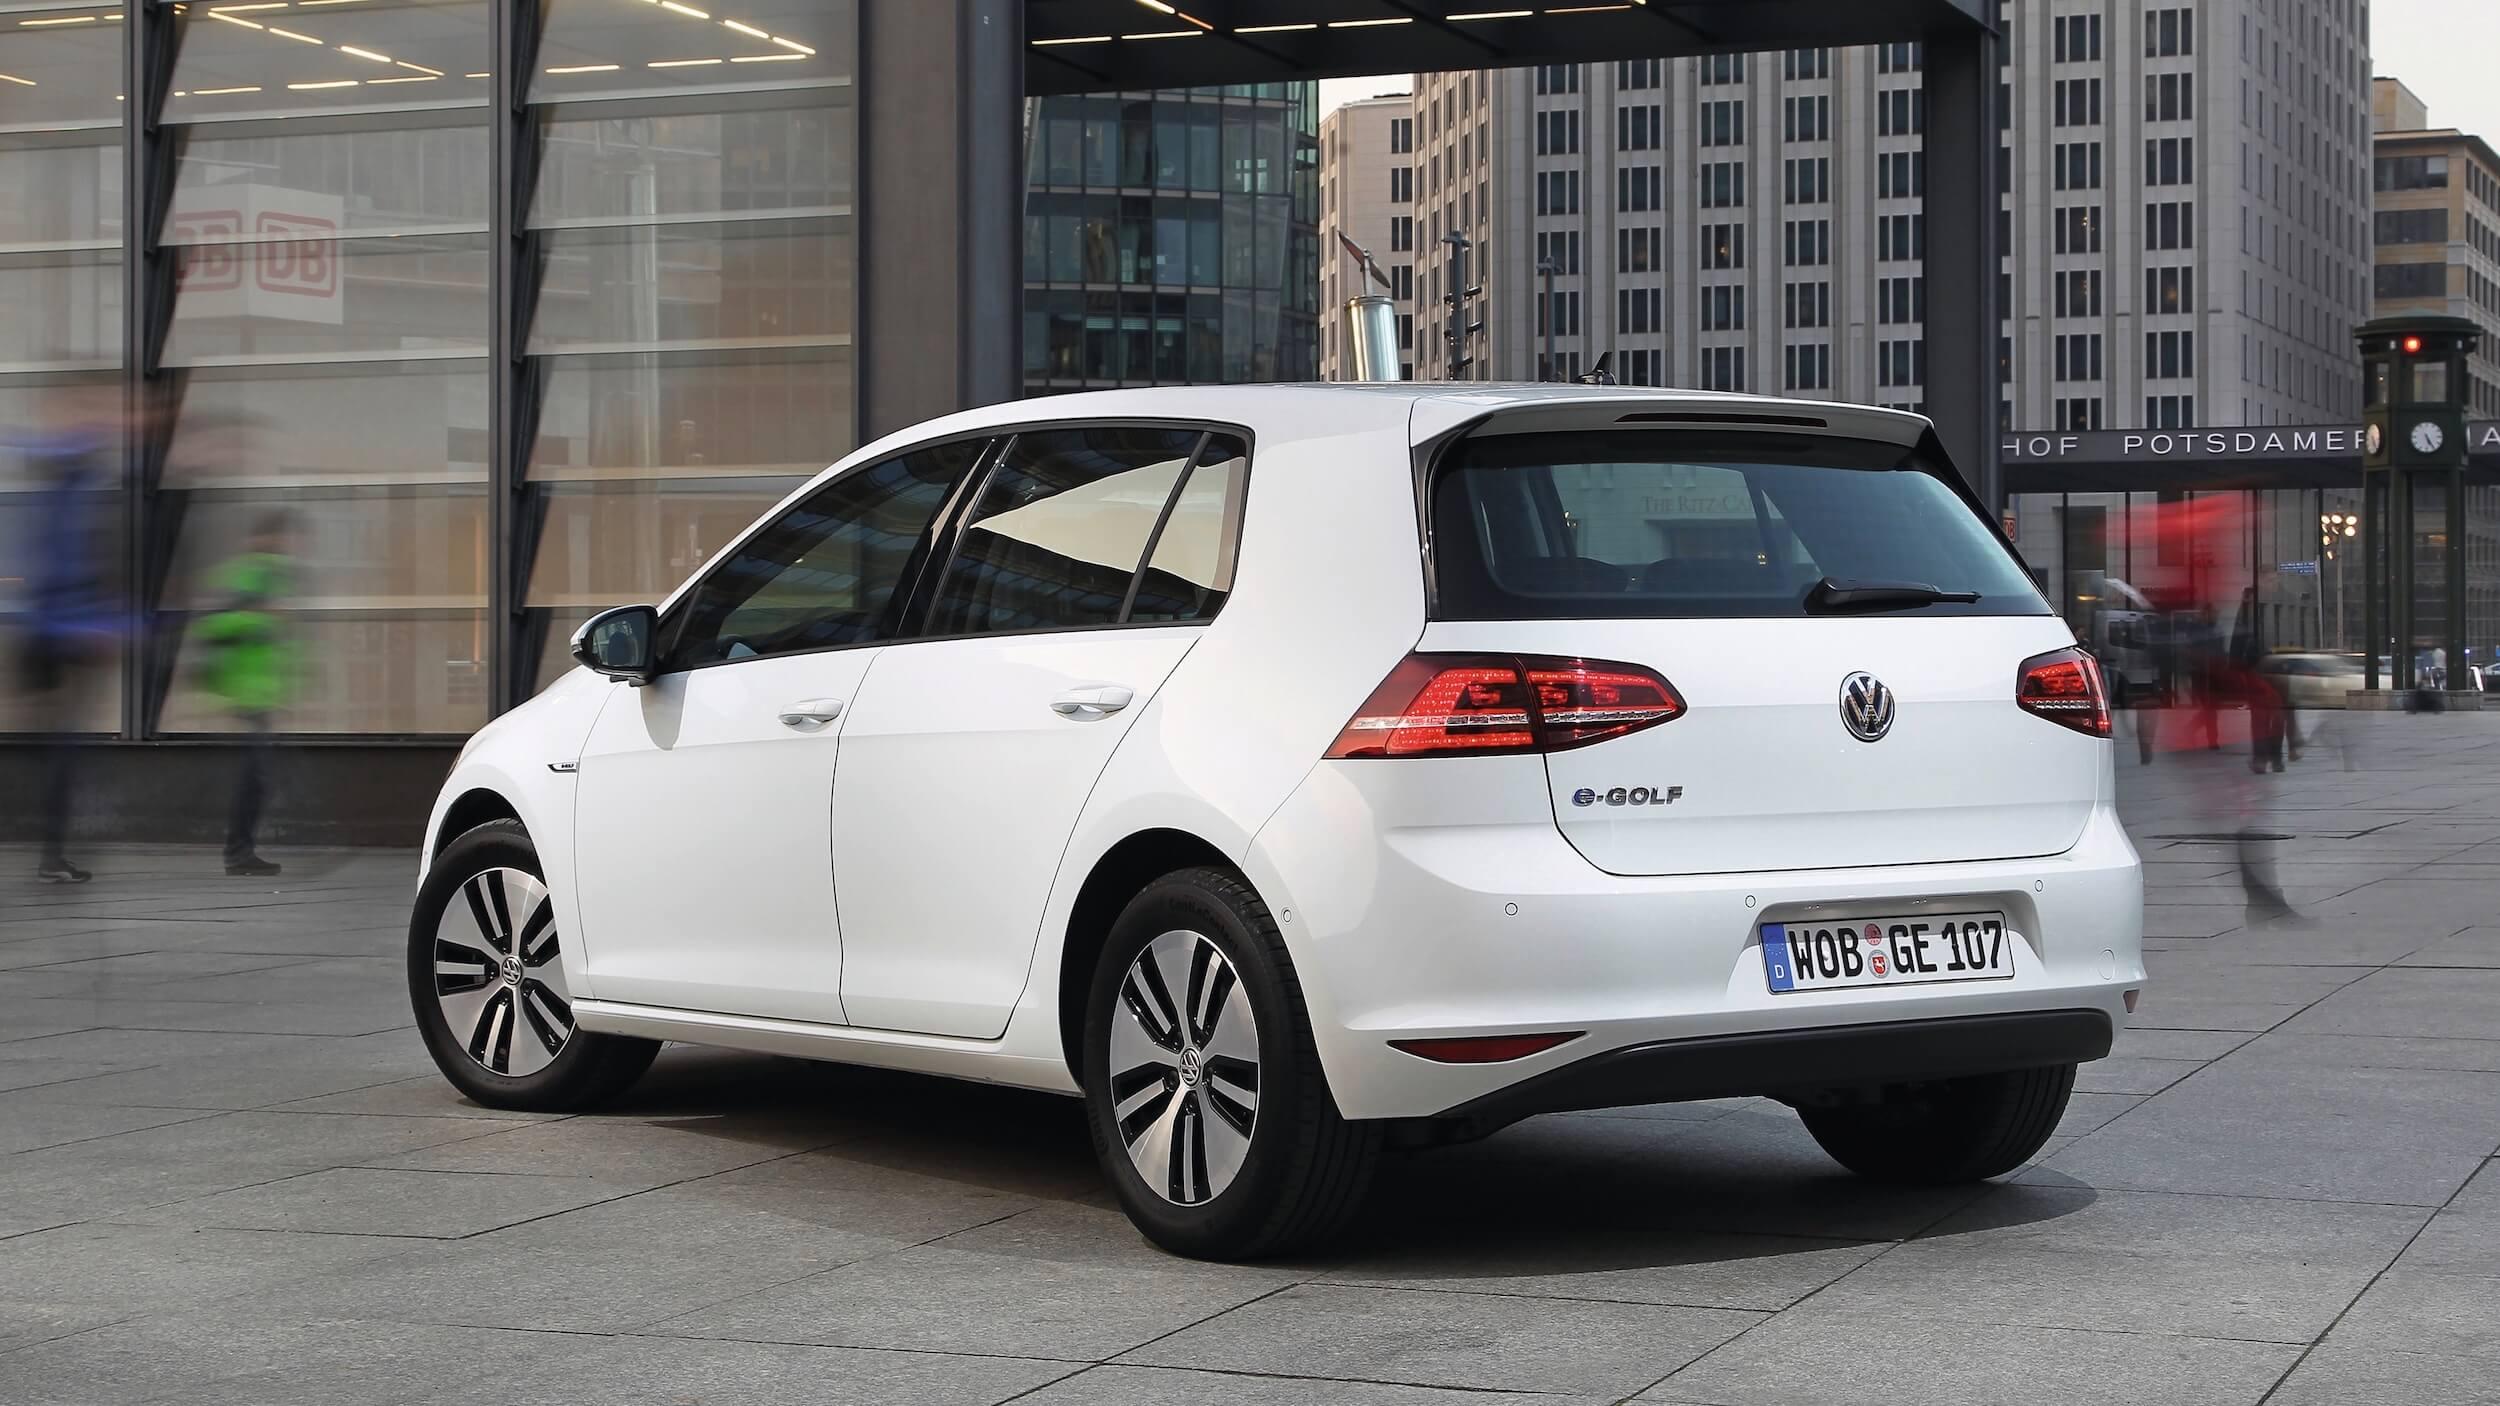 VW e Golf 2014 eerste generatie